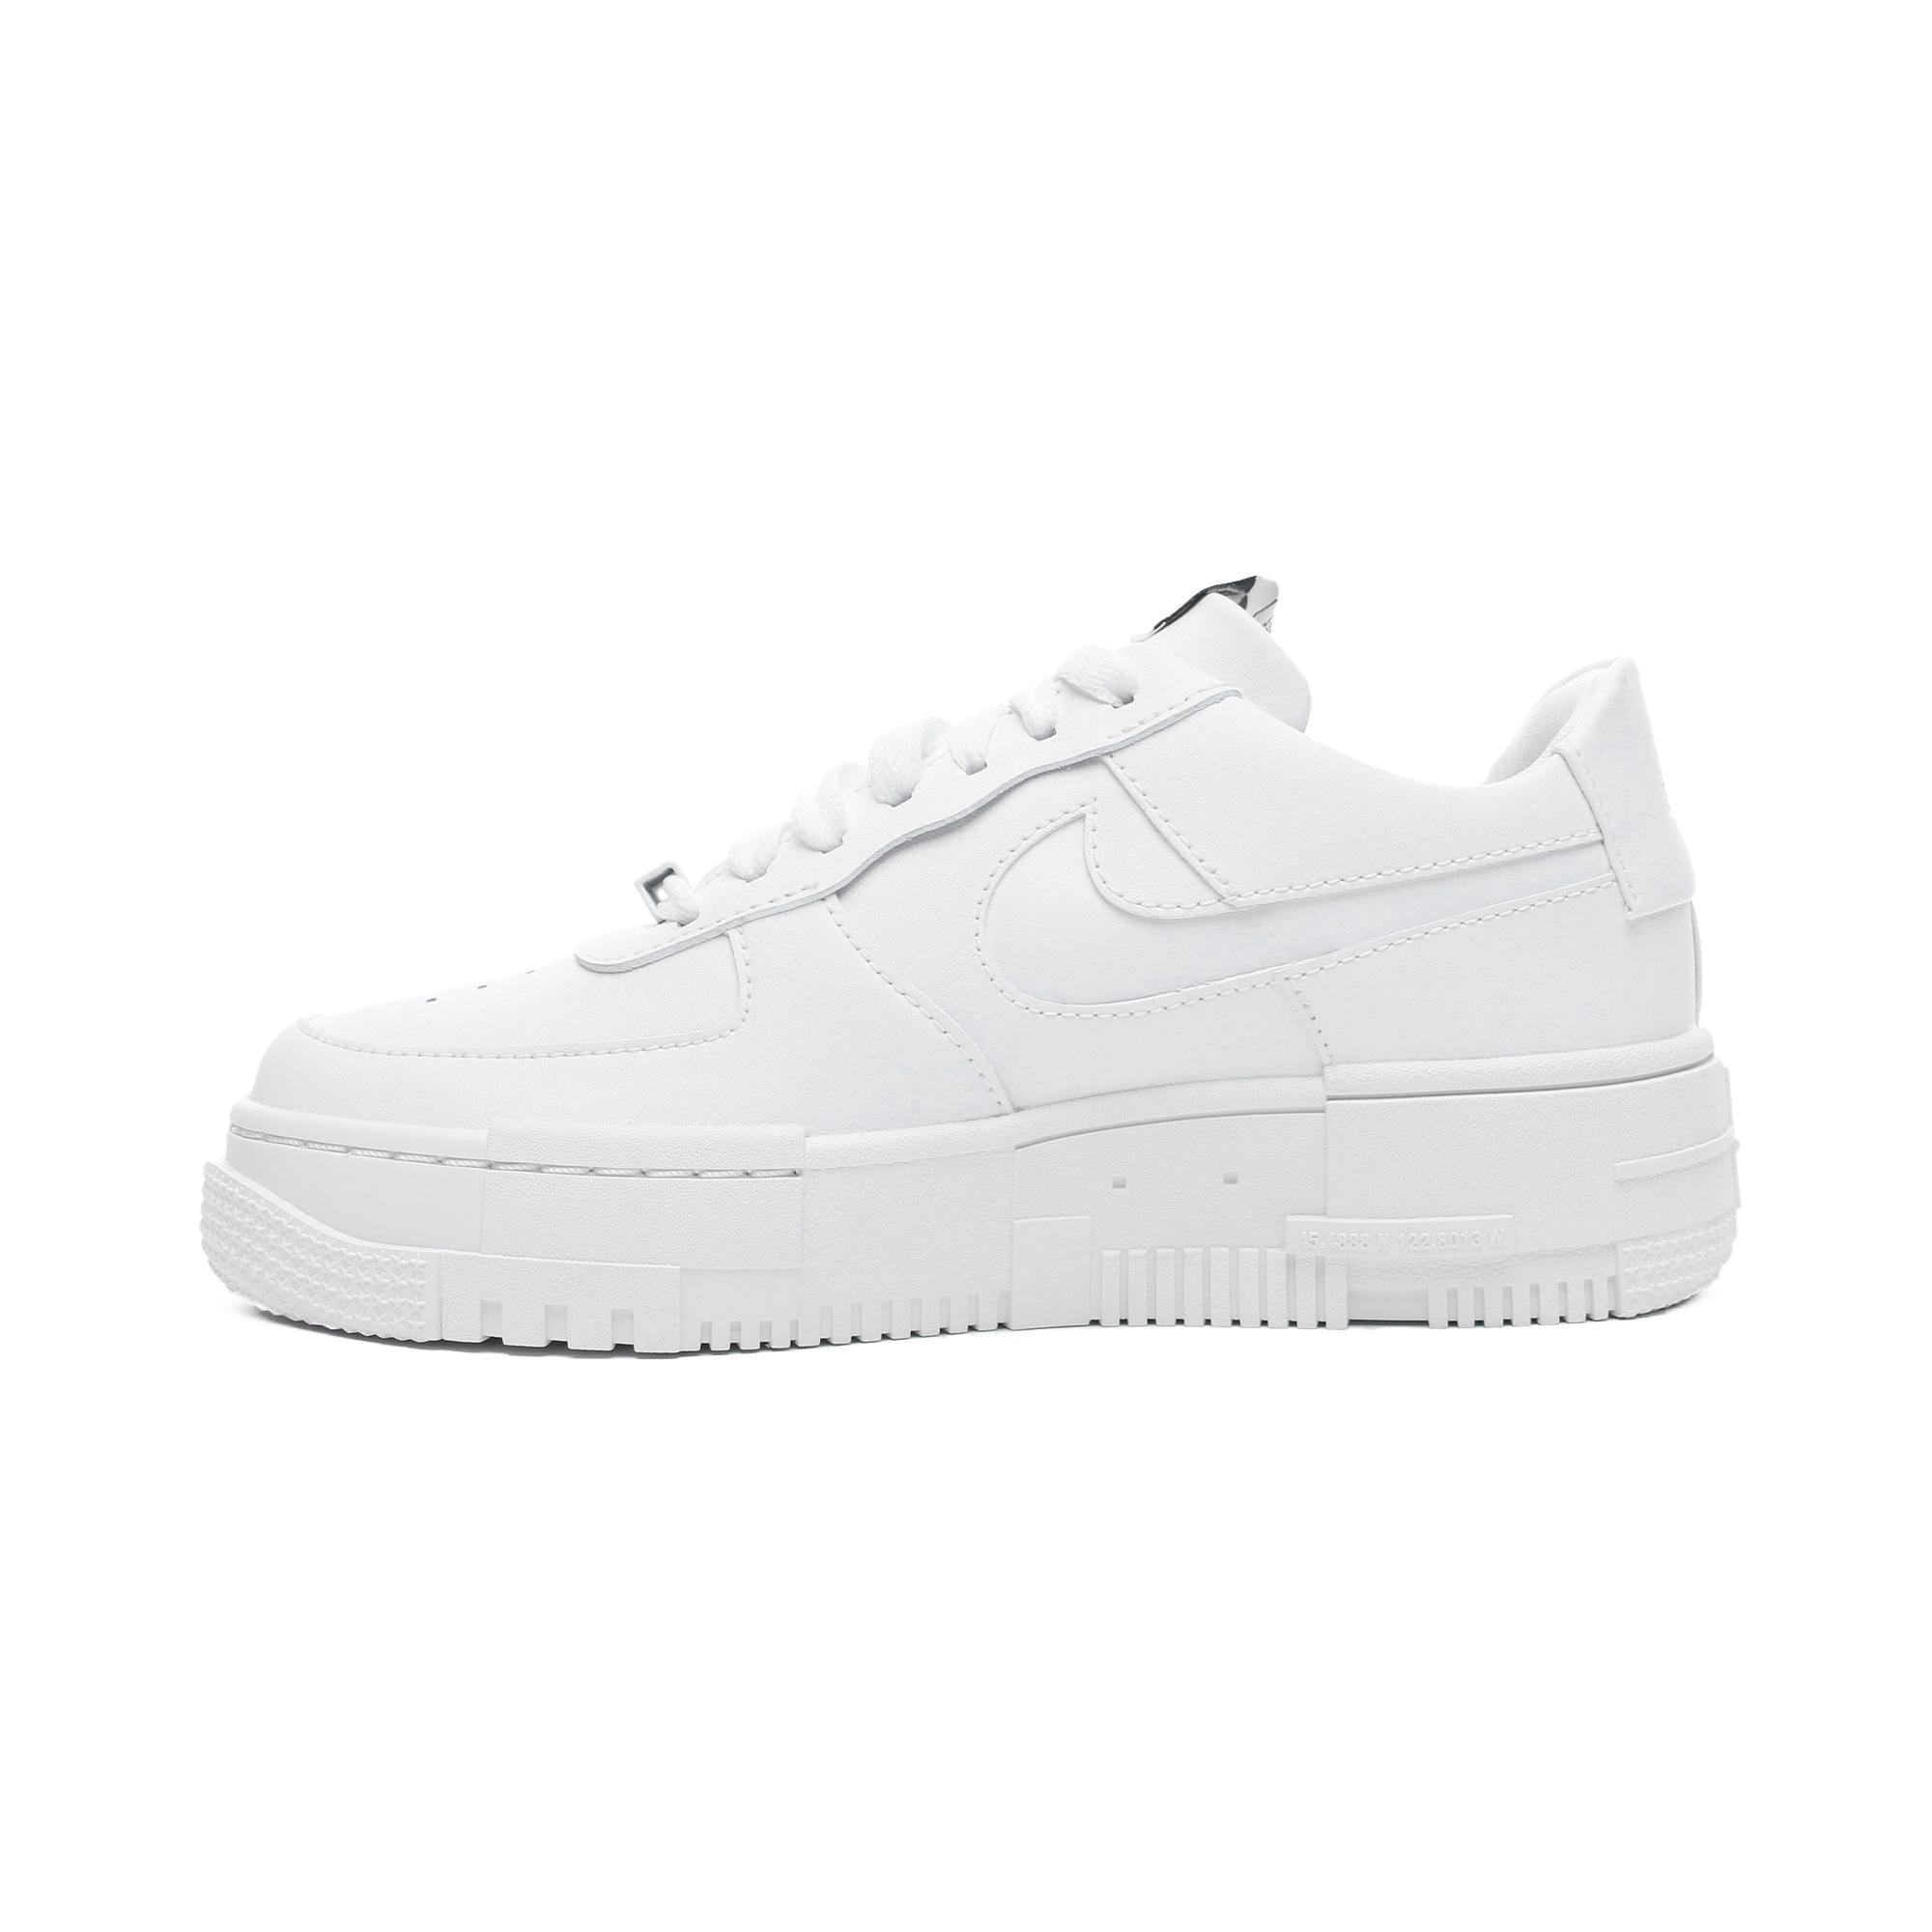 Nike Air Force 1 Pixel Kadın Beyaz Spor Ayakkabı